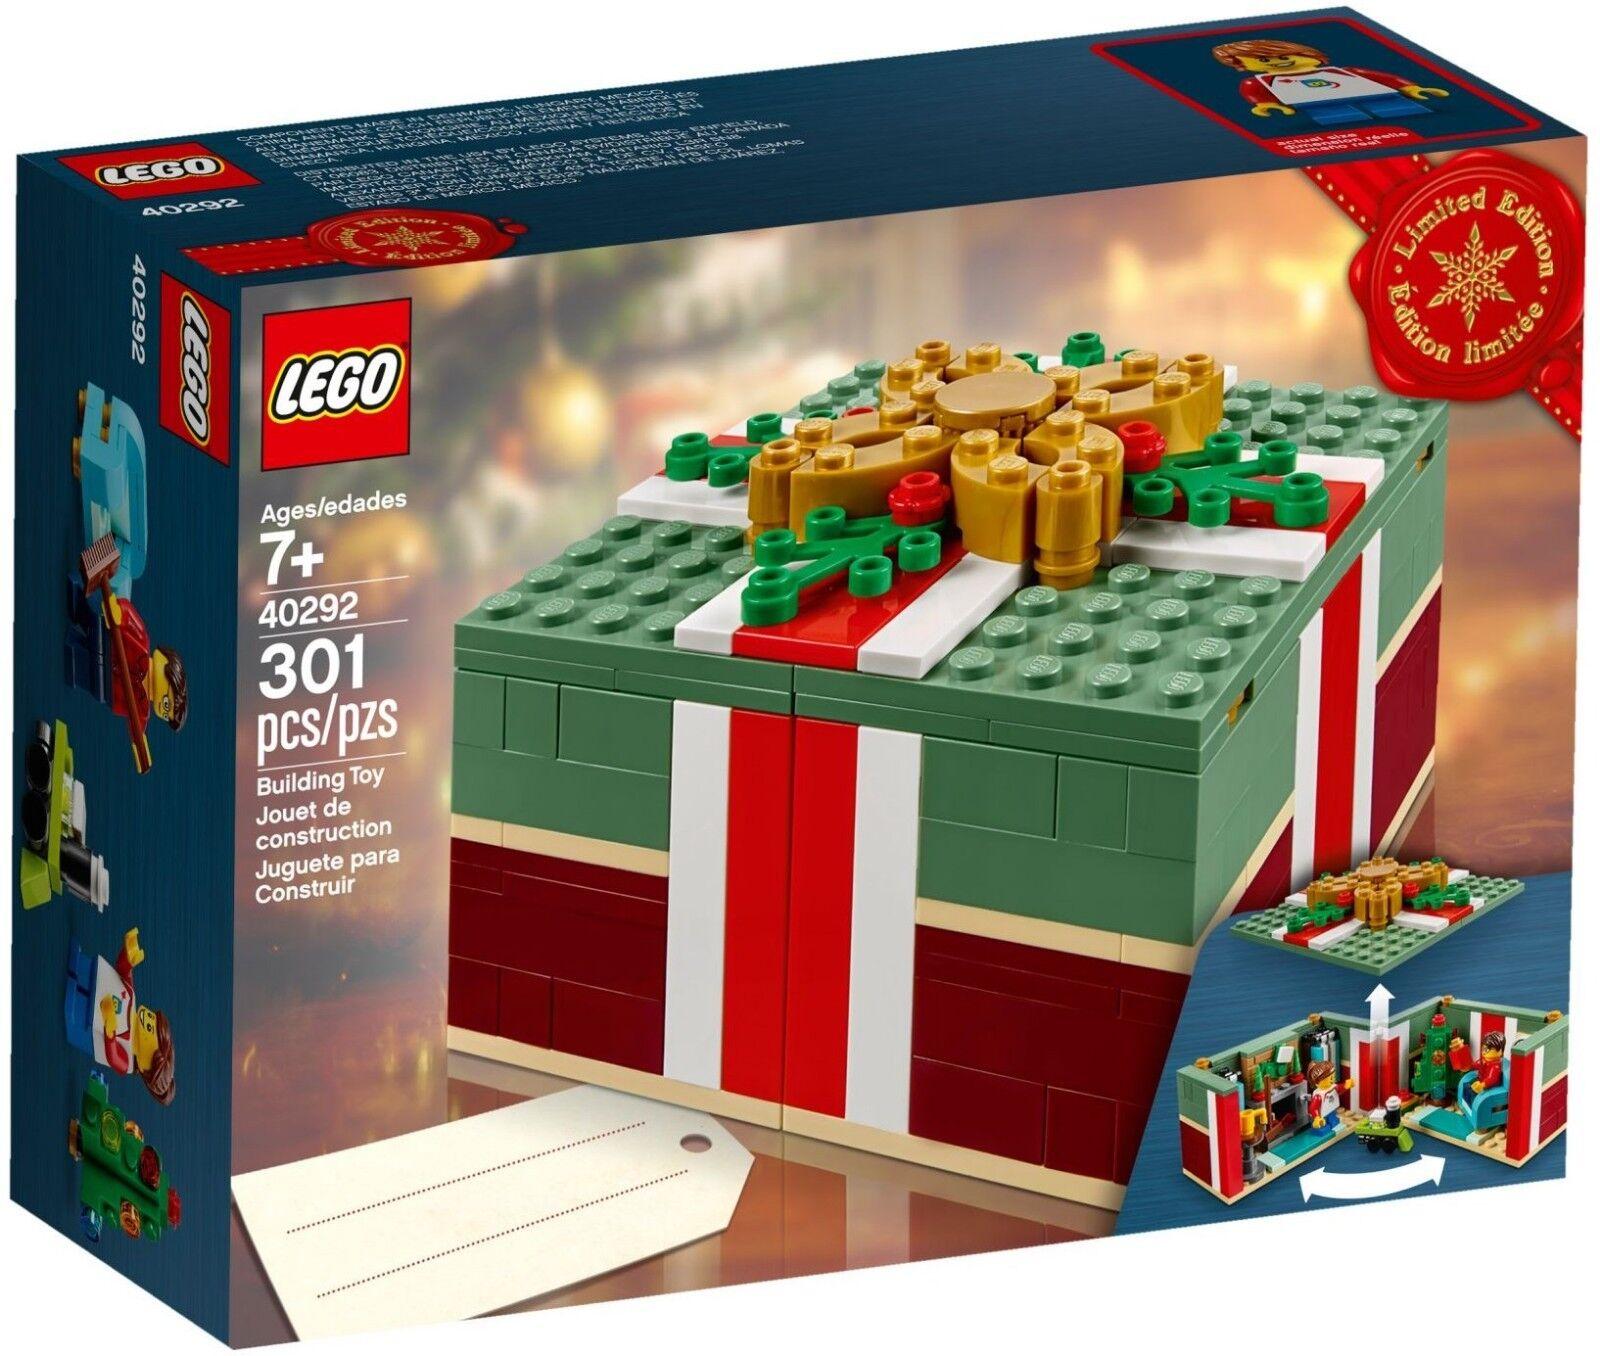 Carnaval Noel Lego 40292 & 40293-Créateur-Noël 40293-Créateur-Noël 40293-Créateur-Noël Boîte Cadeau & Carousel-Nouveau-Scellé cba79a